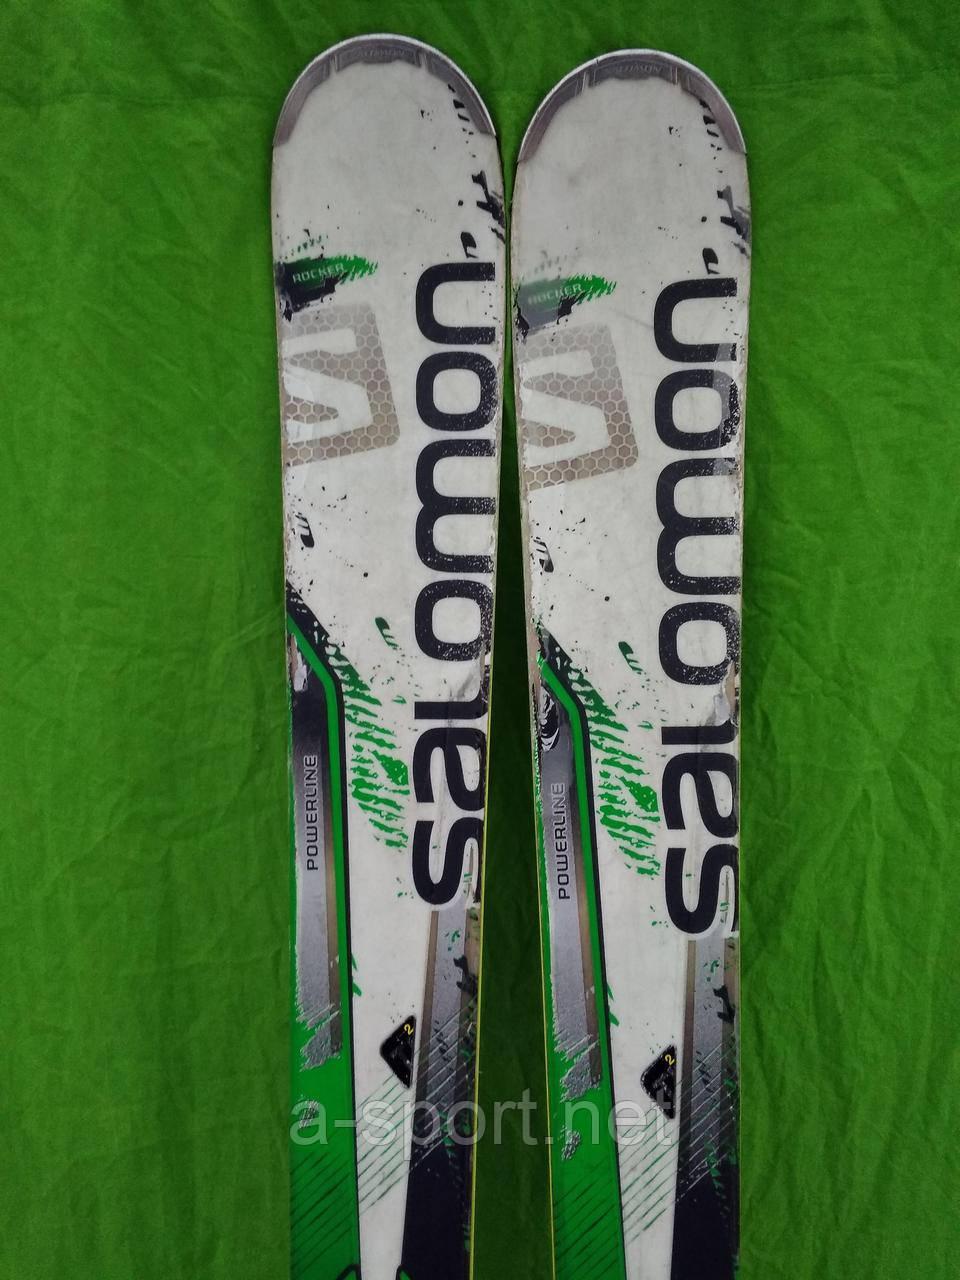 Salomon Enduro XT 800 175 см гірські лижі, експертний універсал, 2014p